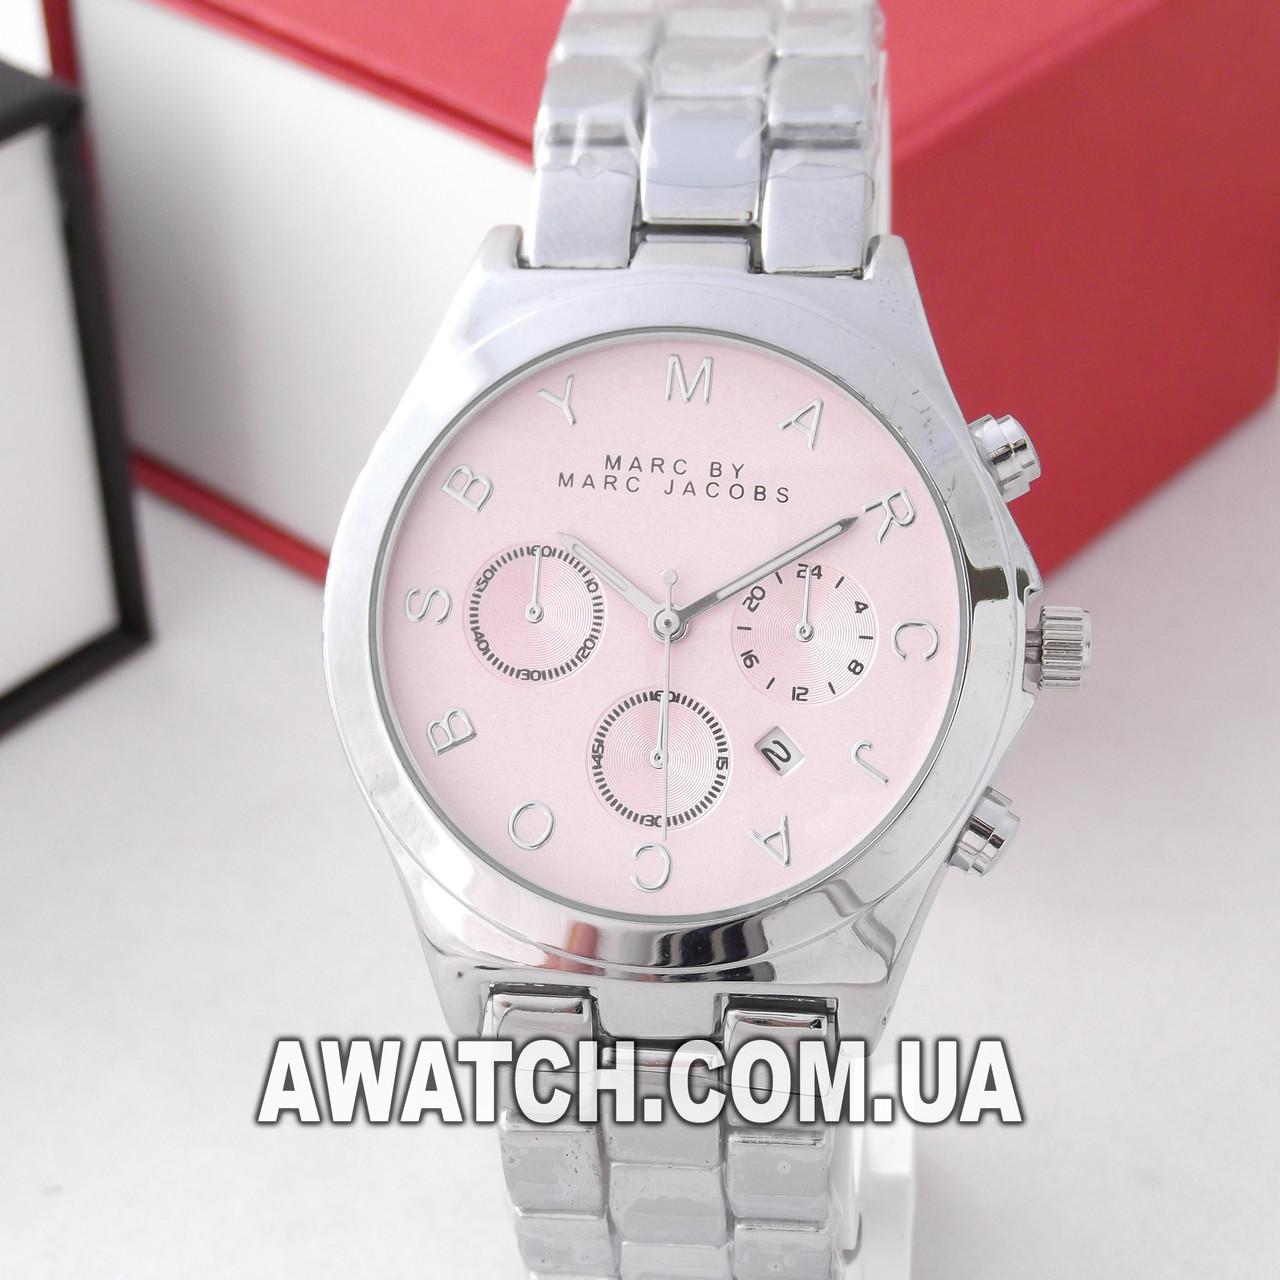 4470a2433ee1 Женские кварцевые наручные часы Marc Jacobs C04 (721810753). Цена ...